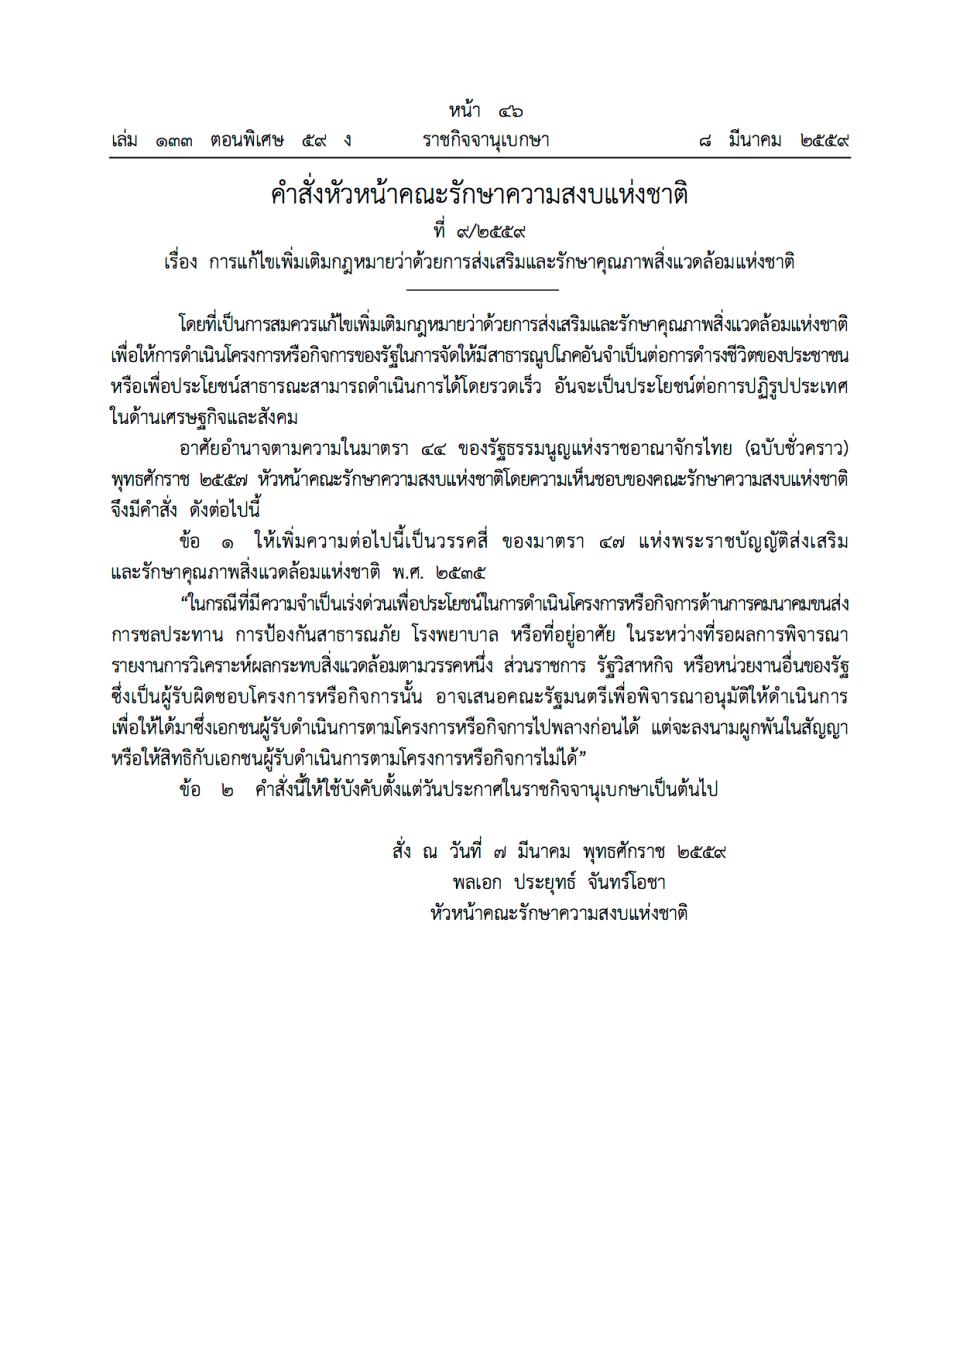 คำสั่งหัวหน้าคณะรักษาความสงบแห่งชาติ ที่ ๙-๒๕๕๙ เรื่อง การแก้ไขเพิ่มเติมกฎหมายว่าด้วย.png